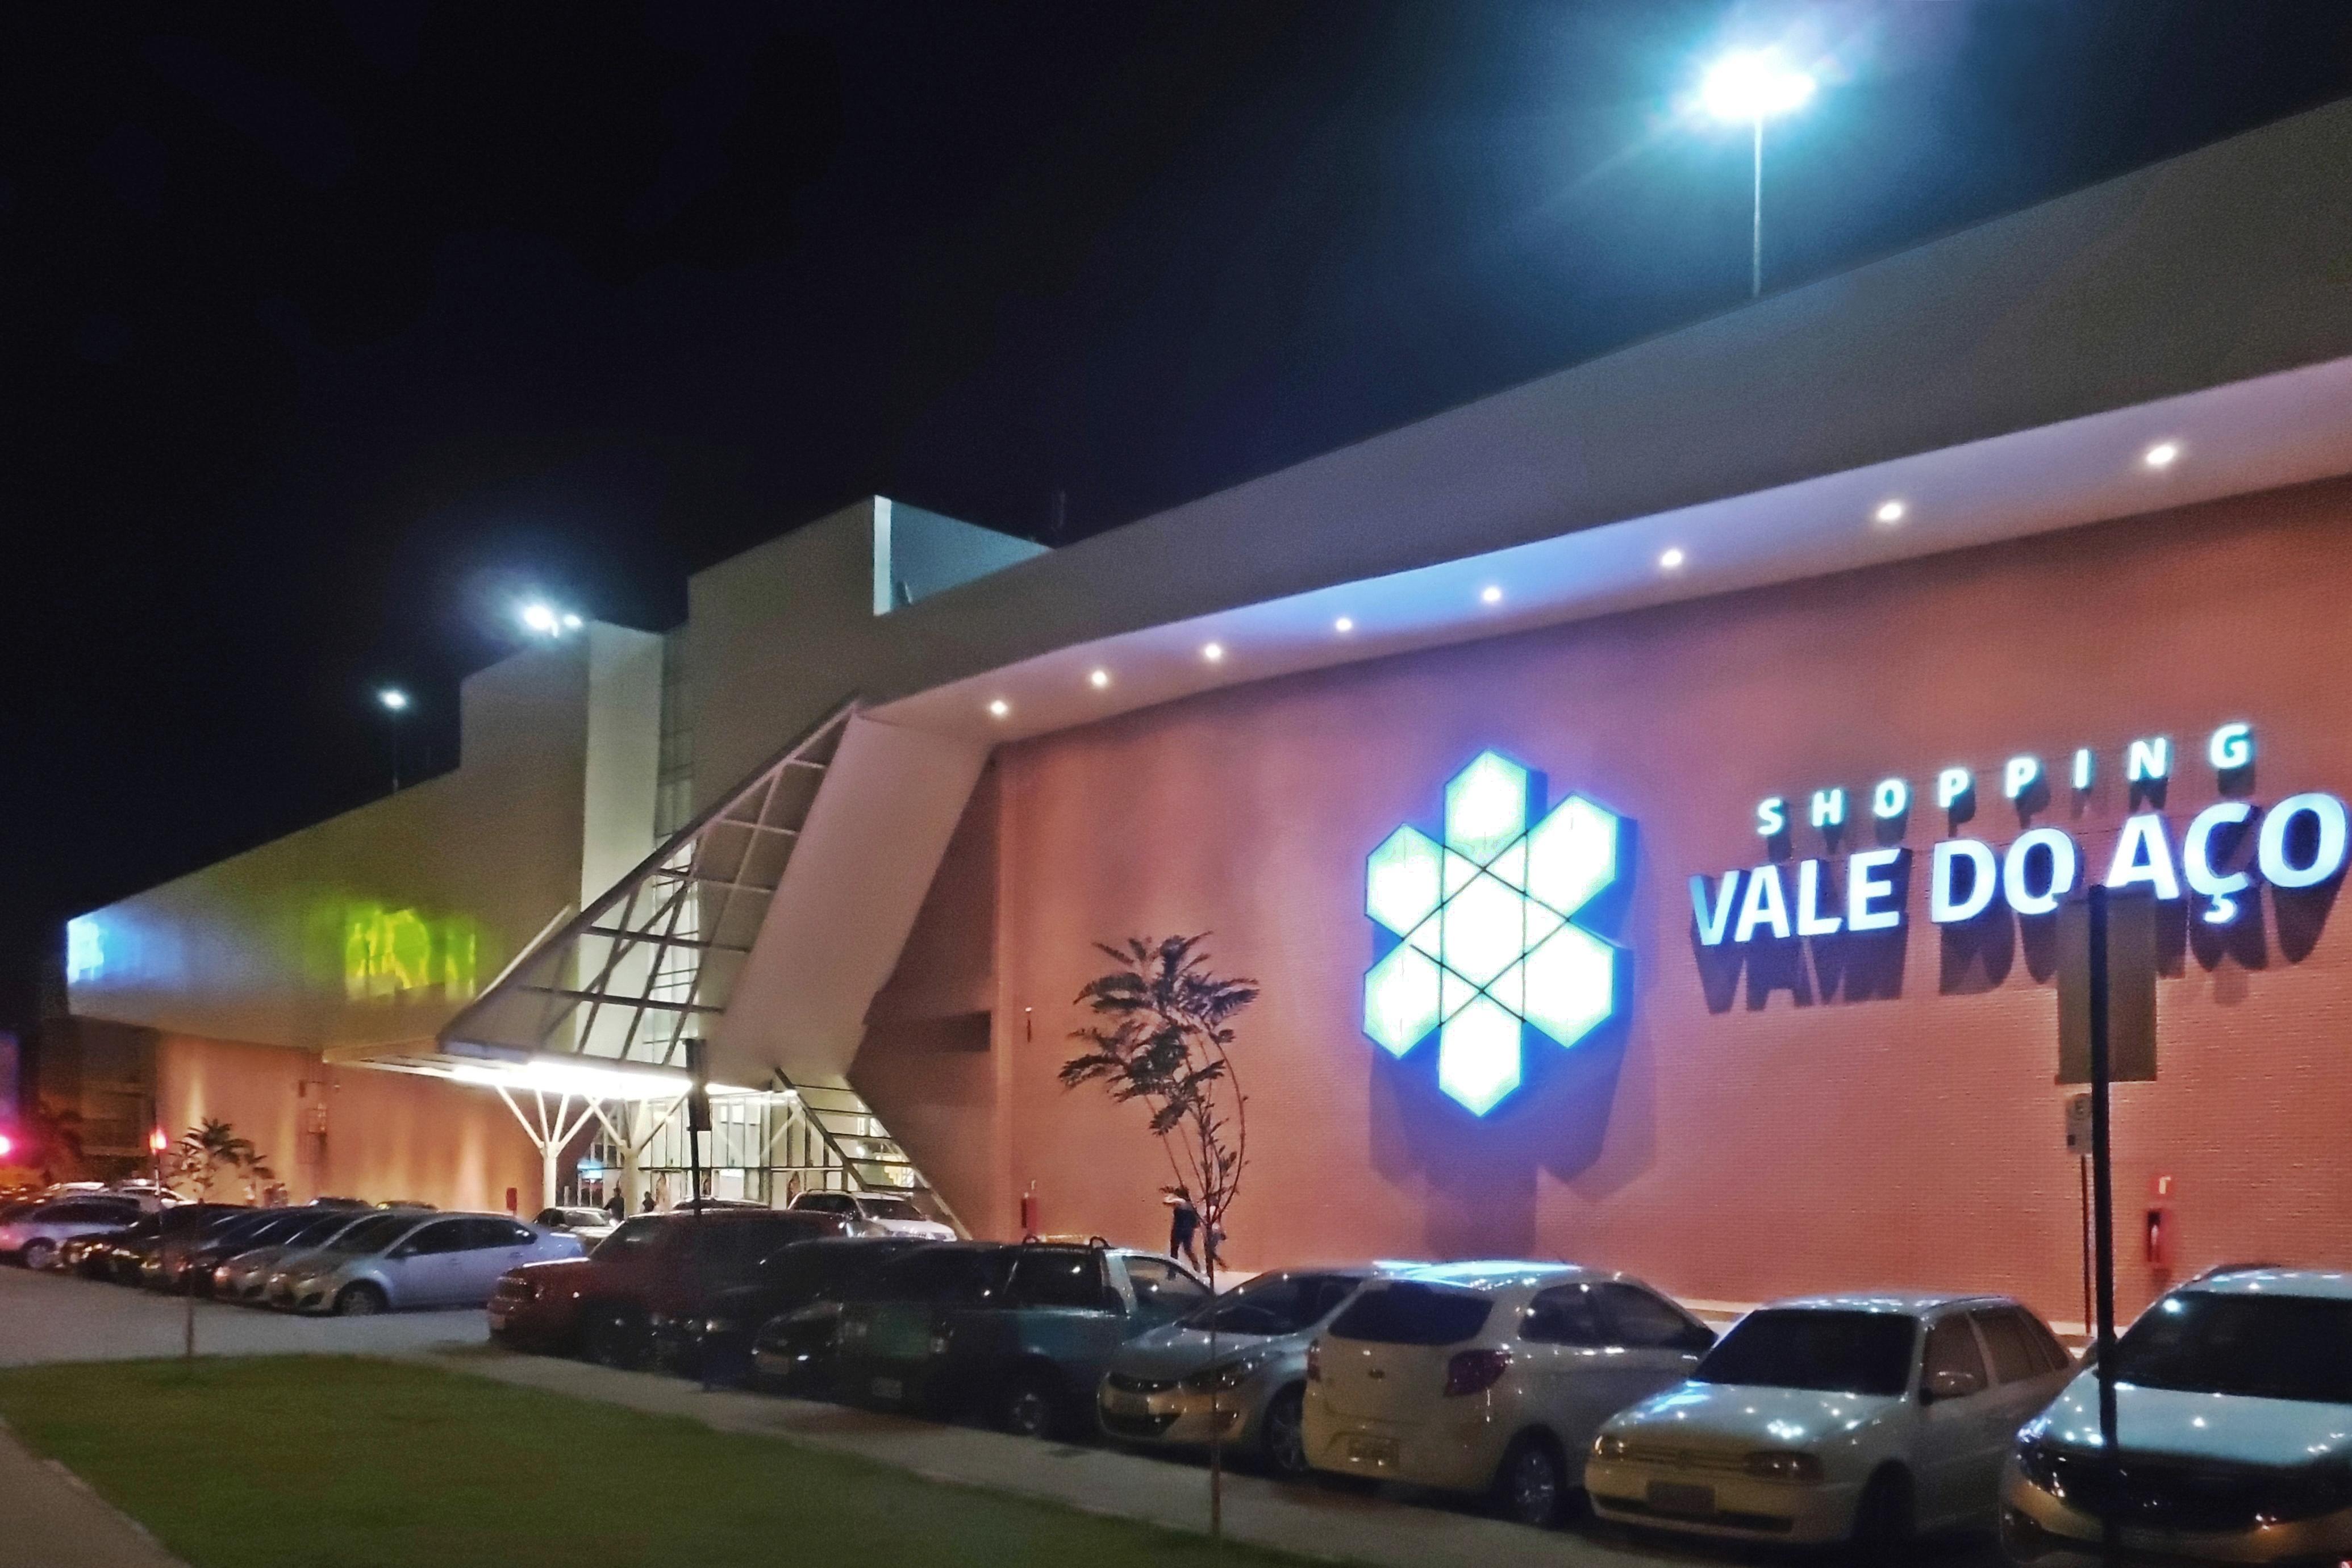 File:Vista Parcial Do Shopping Vale Do Aço, Ipatinga MG